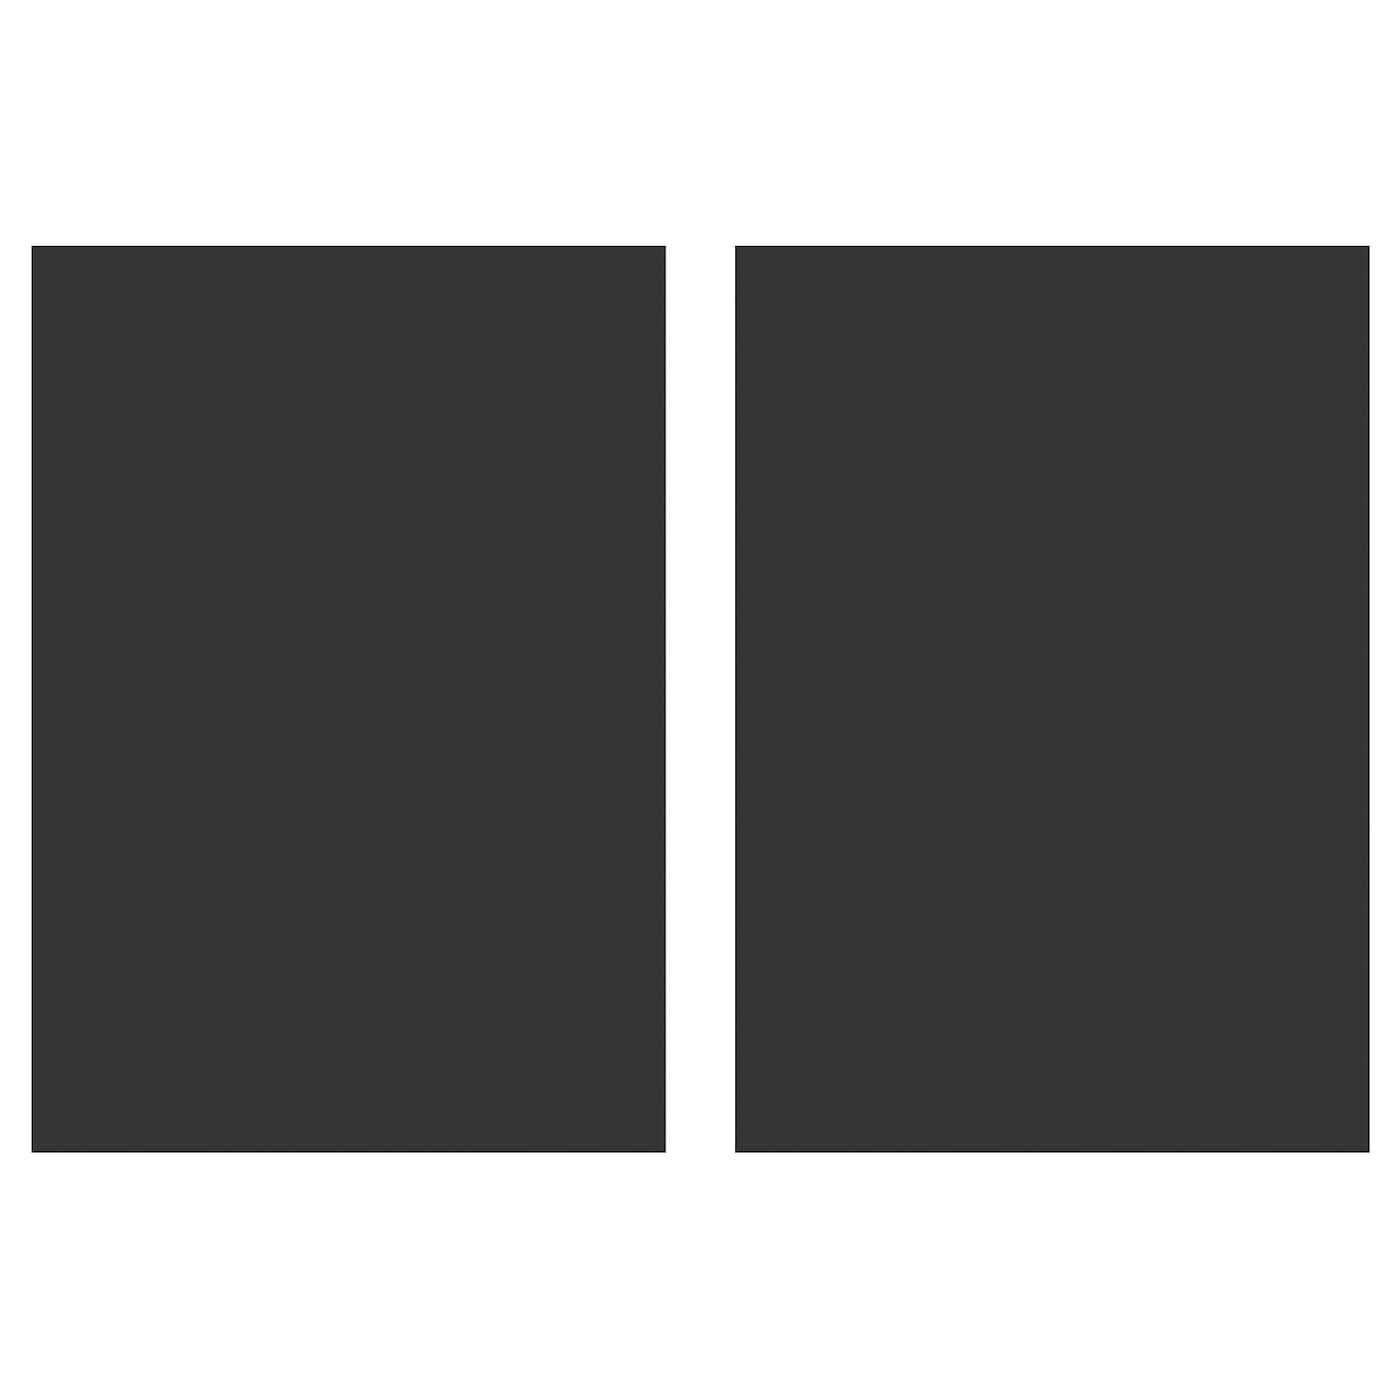 Full Size of Fensterfolie Blickdicht Ikea Sichtschutz Bad Anbringen Statische Kltta Aufkleber Kreidetafel Deutschland Betten 160x200 Küche Kaufen Kosten Modulküche Wohnzimmer Fensterfolie Ikea